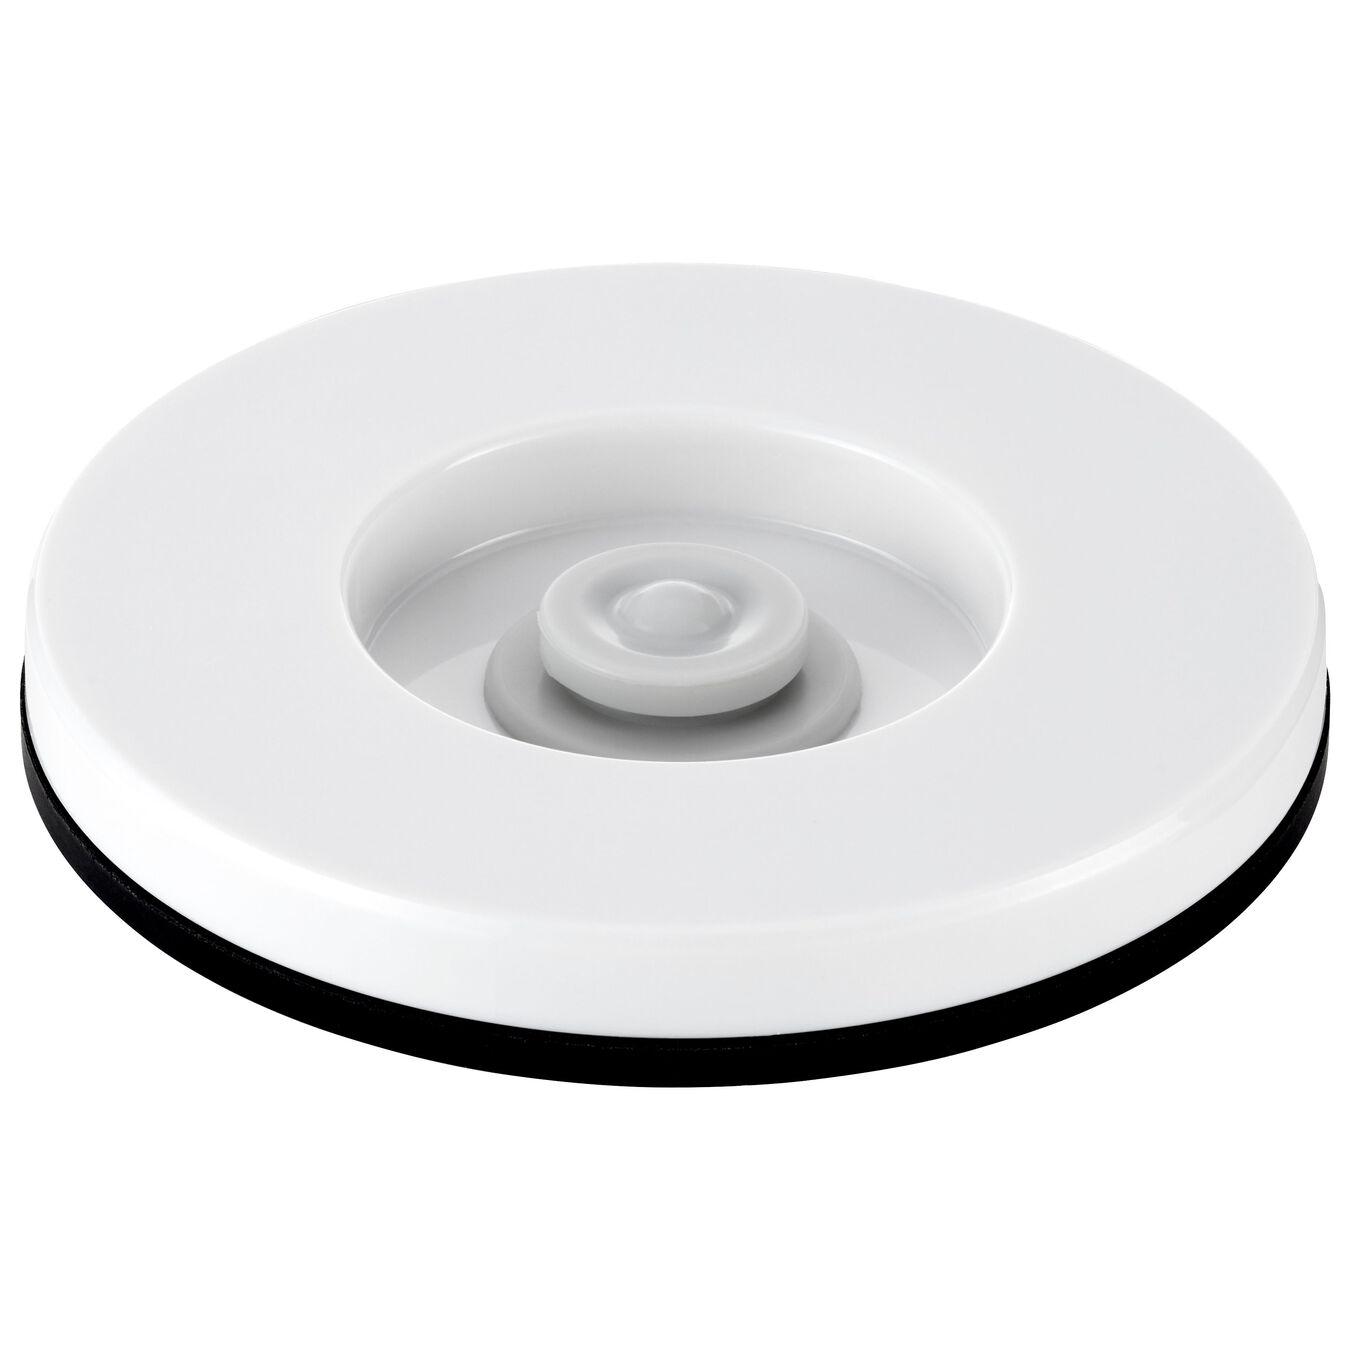 Hochleistungsstandmixer Zubehör Set 1,8 l, Weiß,,large 4